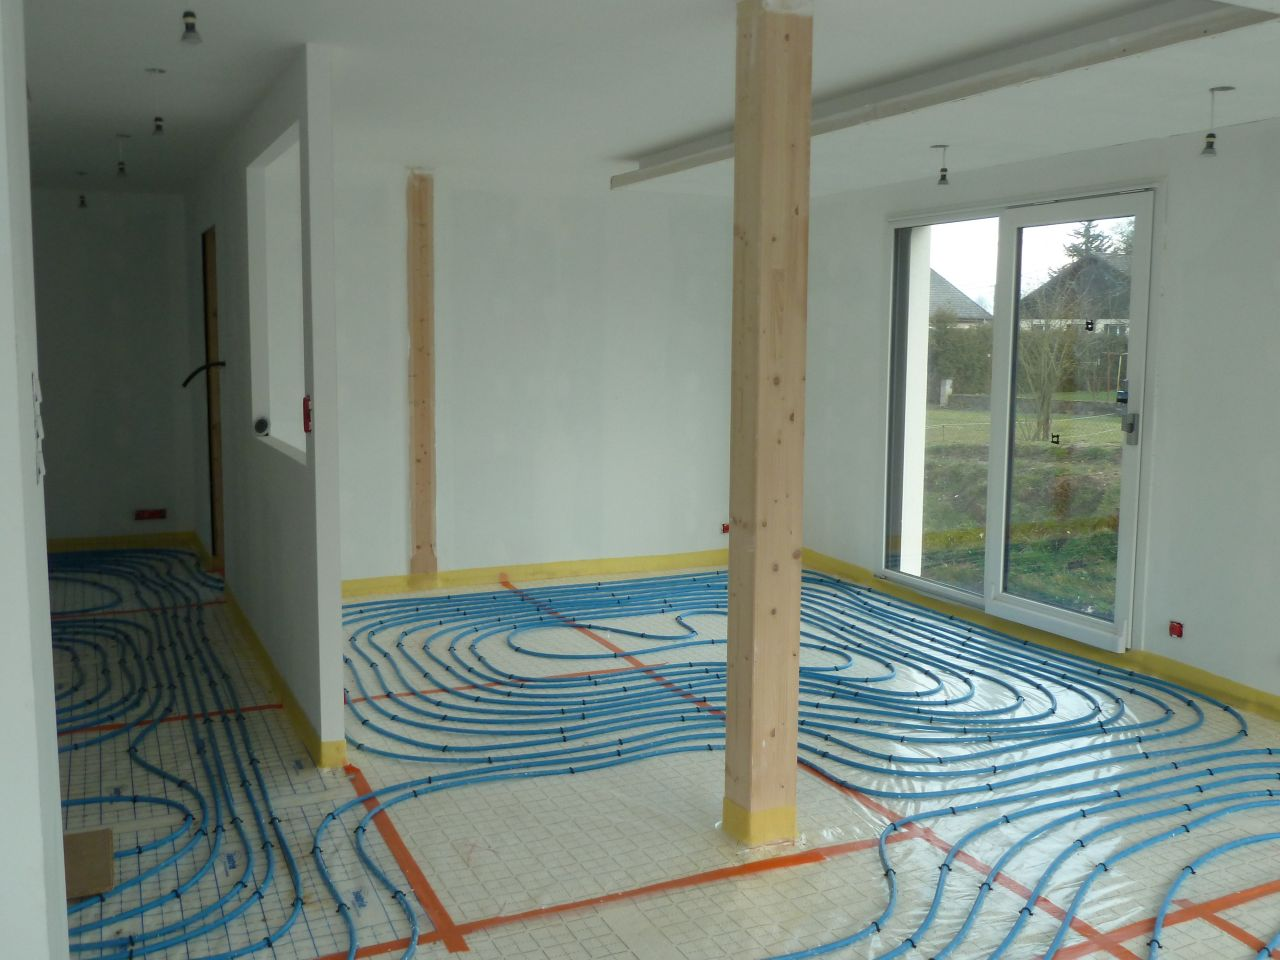 Mousse pu au sol et plancher chauffant plafond lumineux for Bandeau lumineux plafond